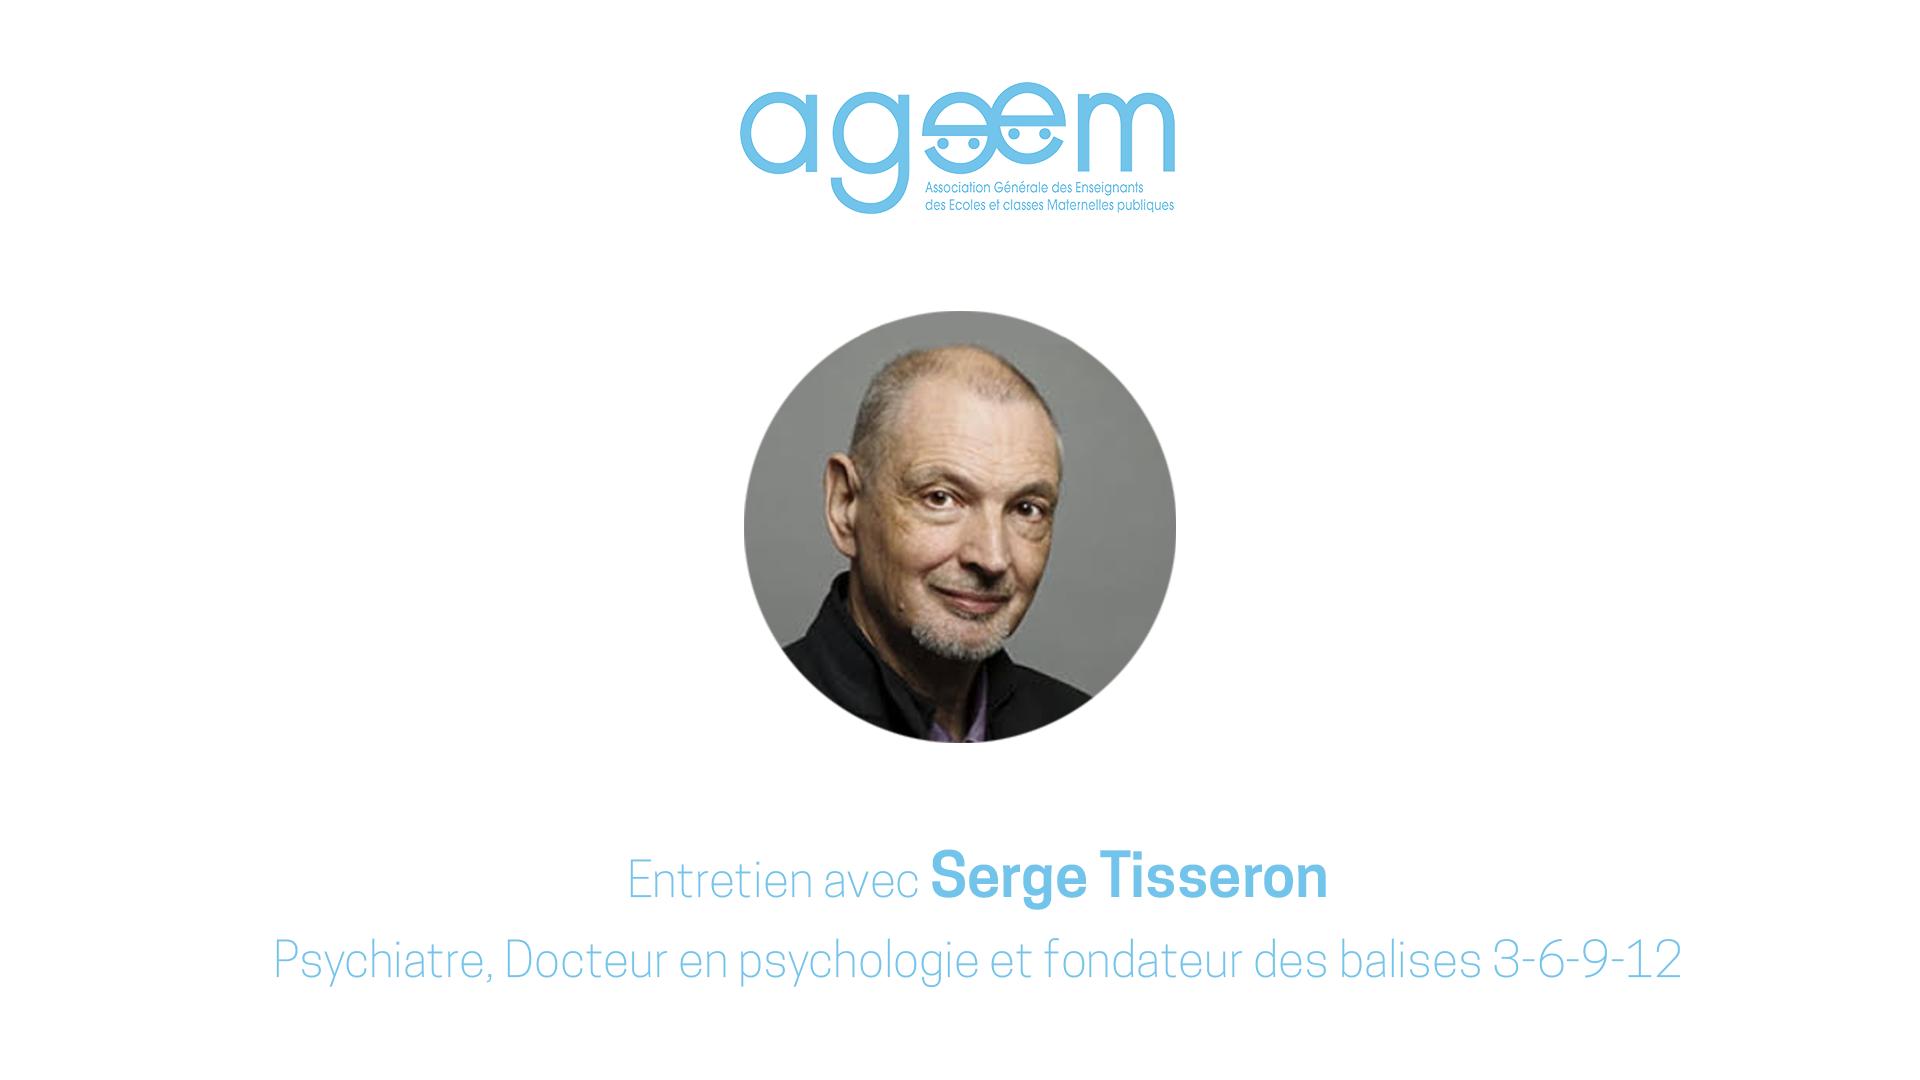 Entretien avec Serge Tisseron